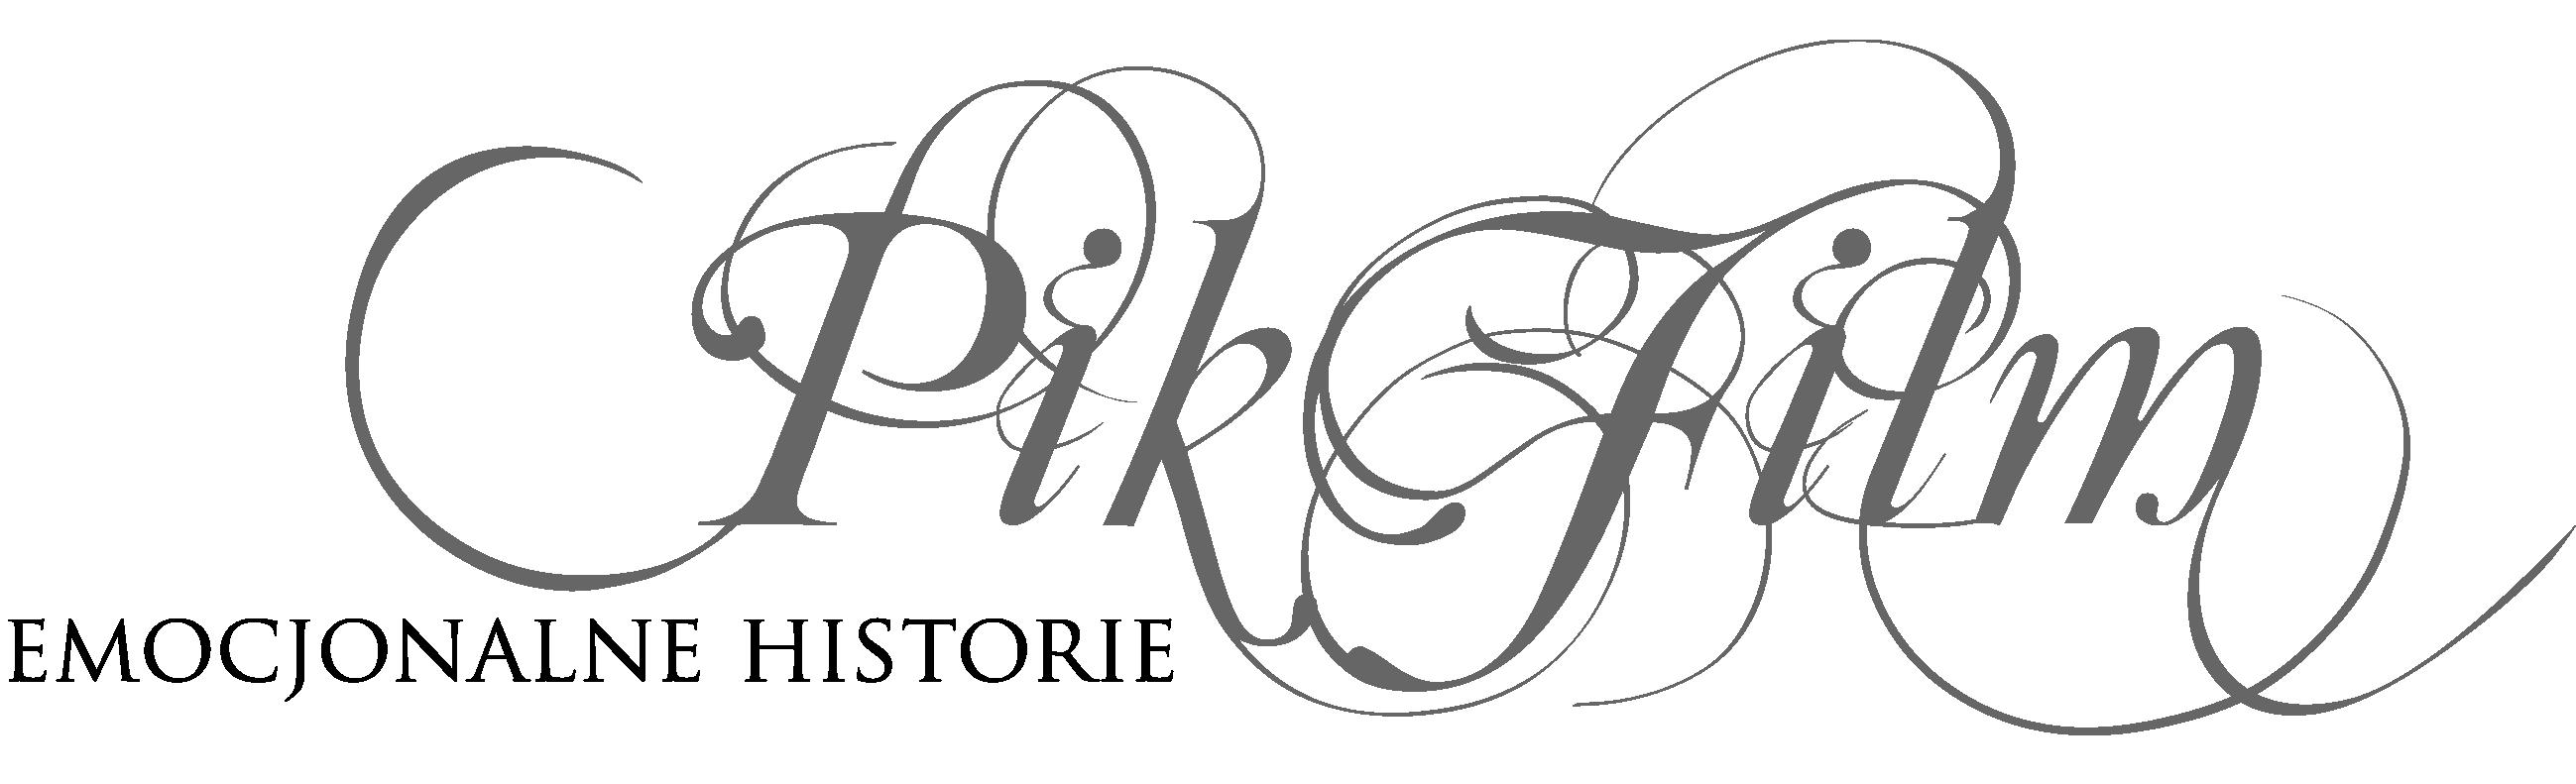 PikFilm – Emocjonalne Historie. Śluby filmowane z użyciem drona. Filmowanie ślubów Olsztyn, Gdańsk, Pisz, Ełk, Giżycko, Kętrzyn – teledyski ślubne – Kamerzysta Kętrzyn